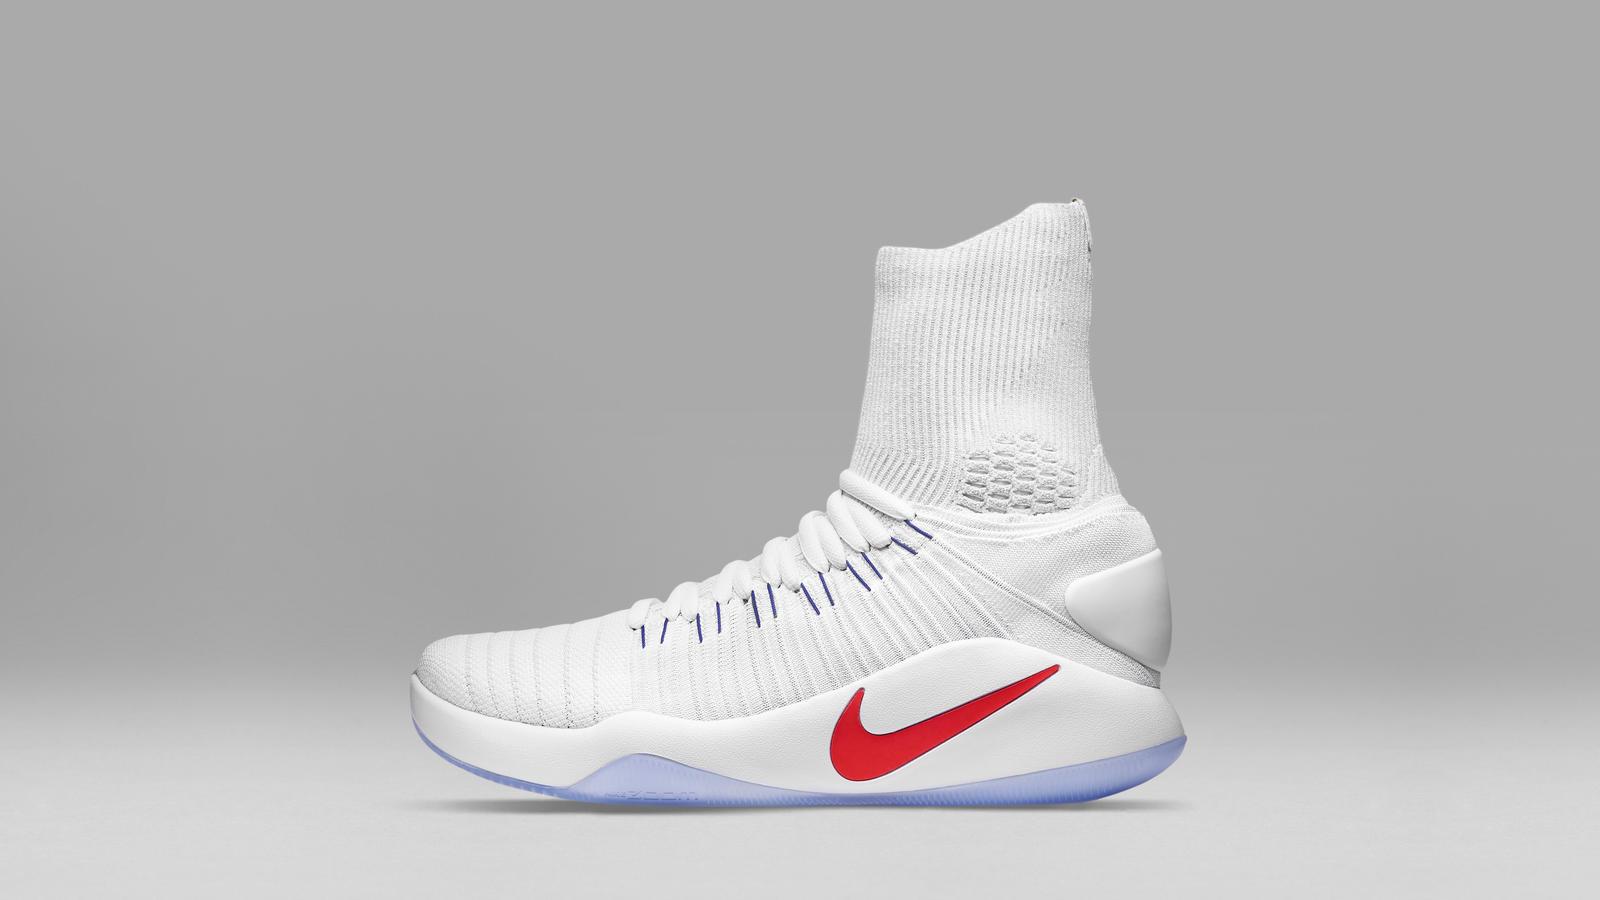 Nike Hyperdunks – Now in market